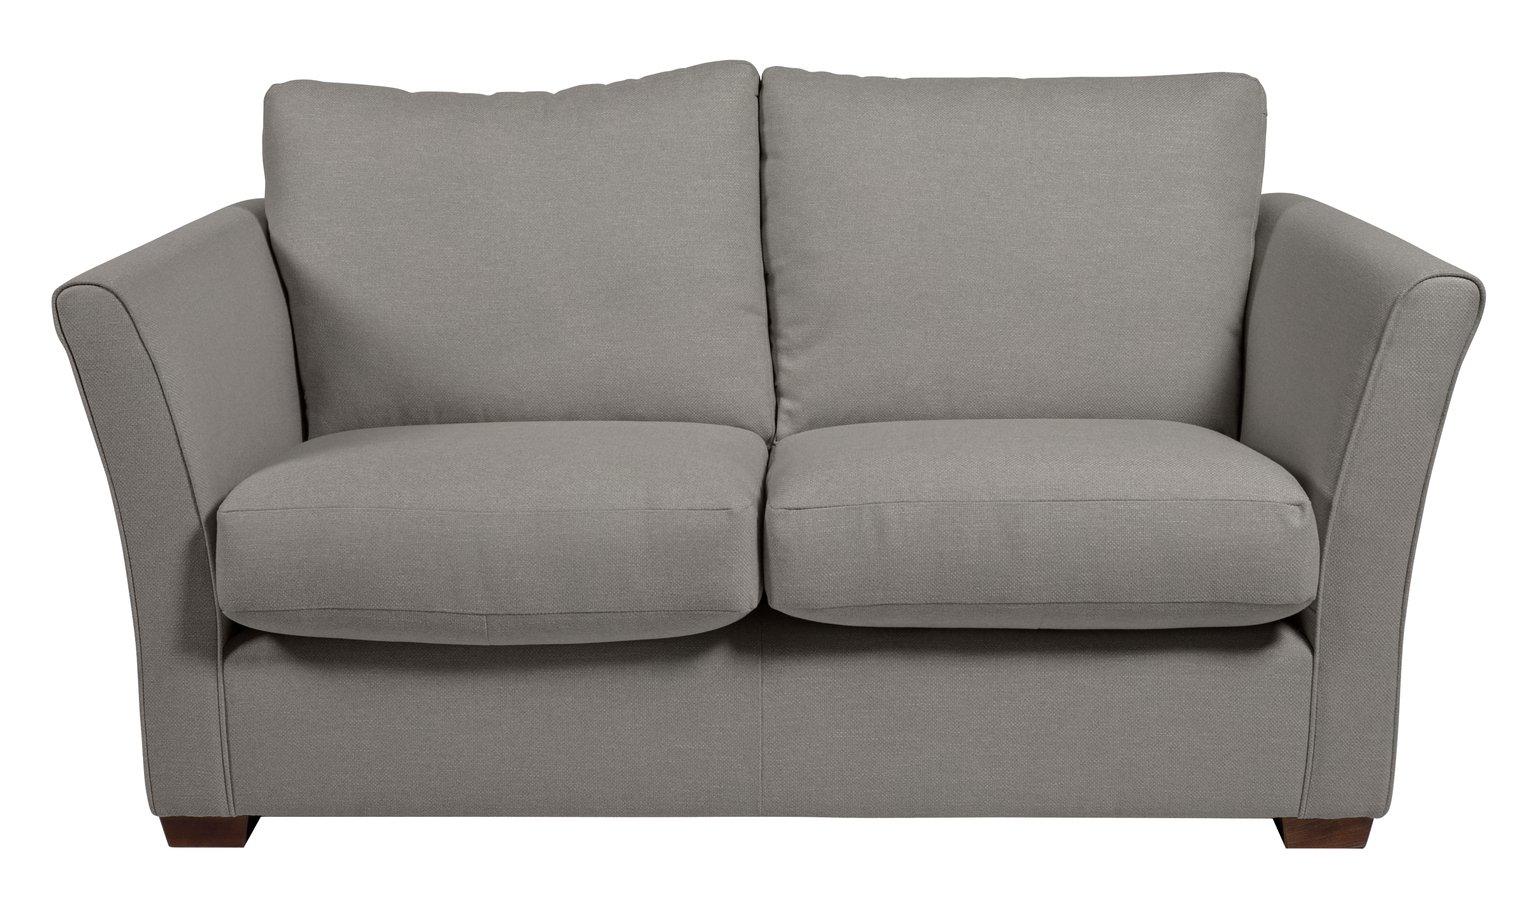 Argos Home Dawson 2 Seater Fabric Sofa - Grey